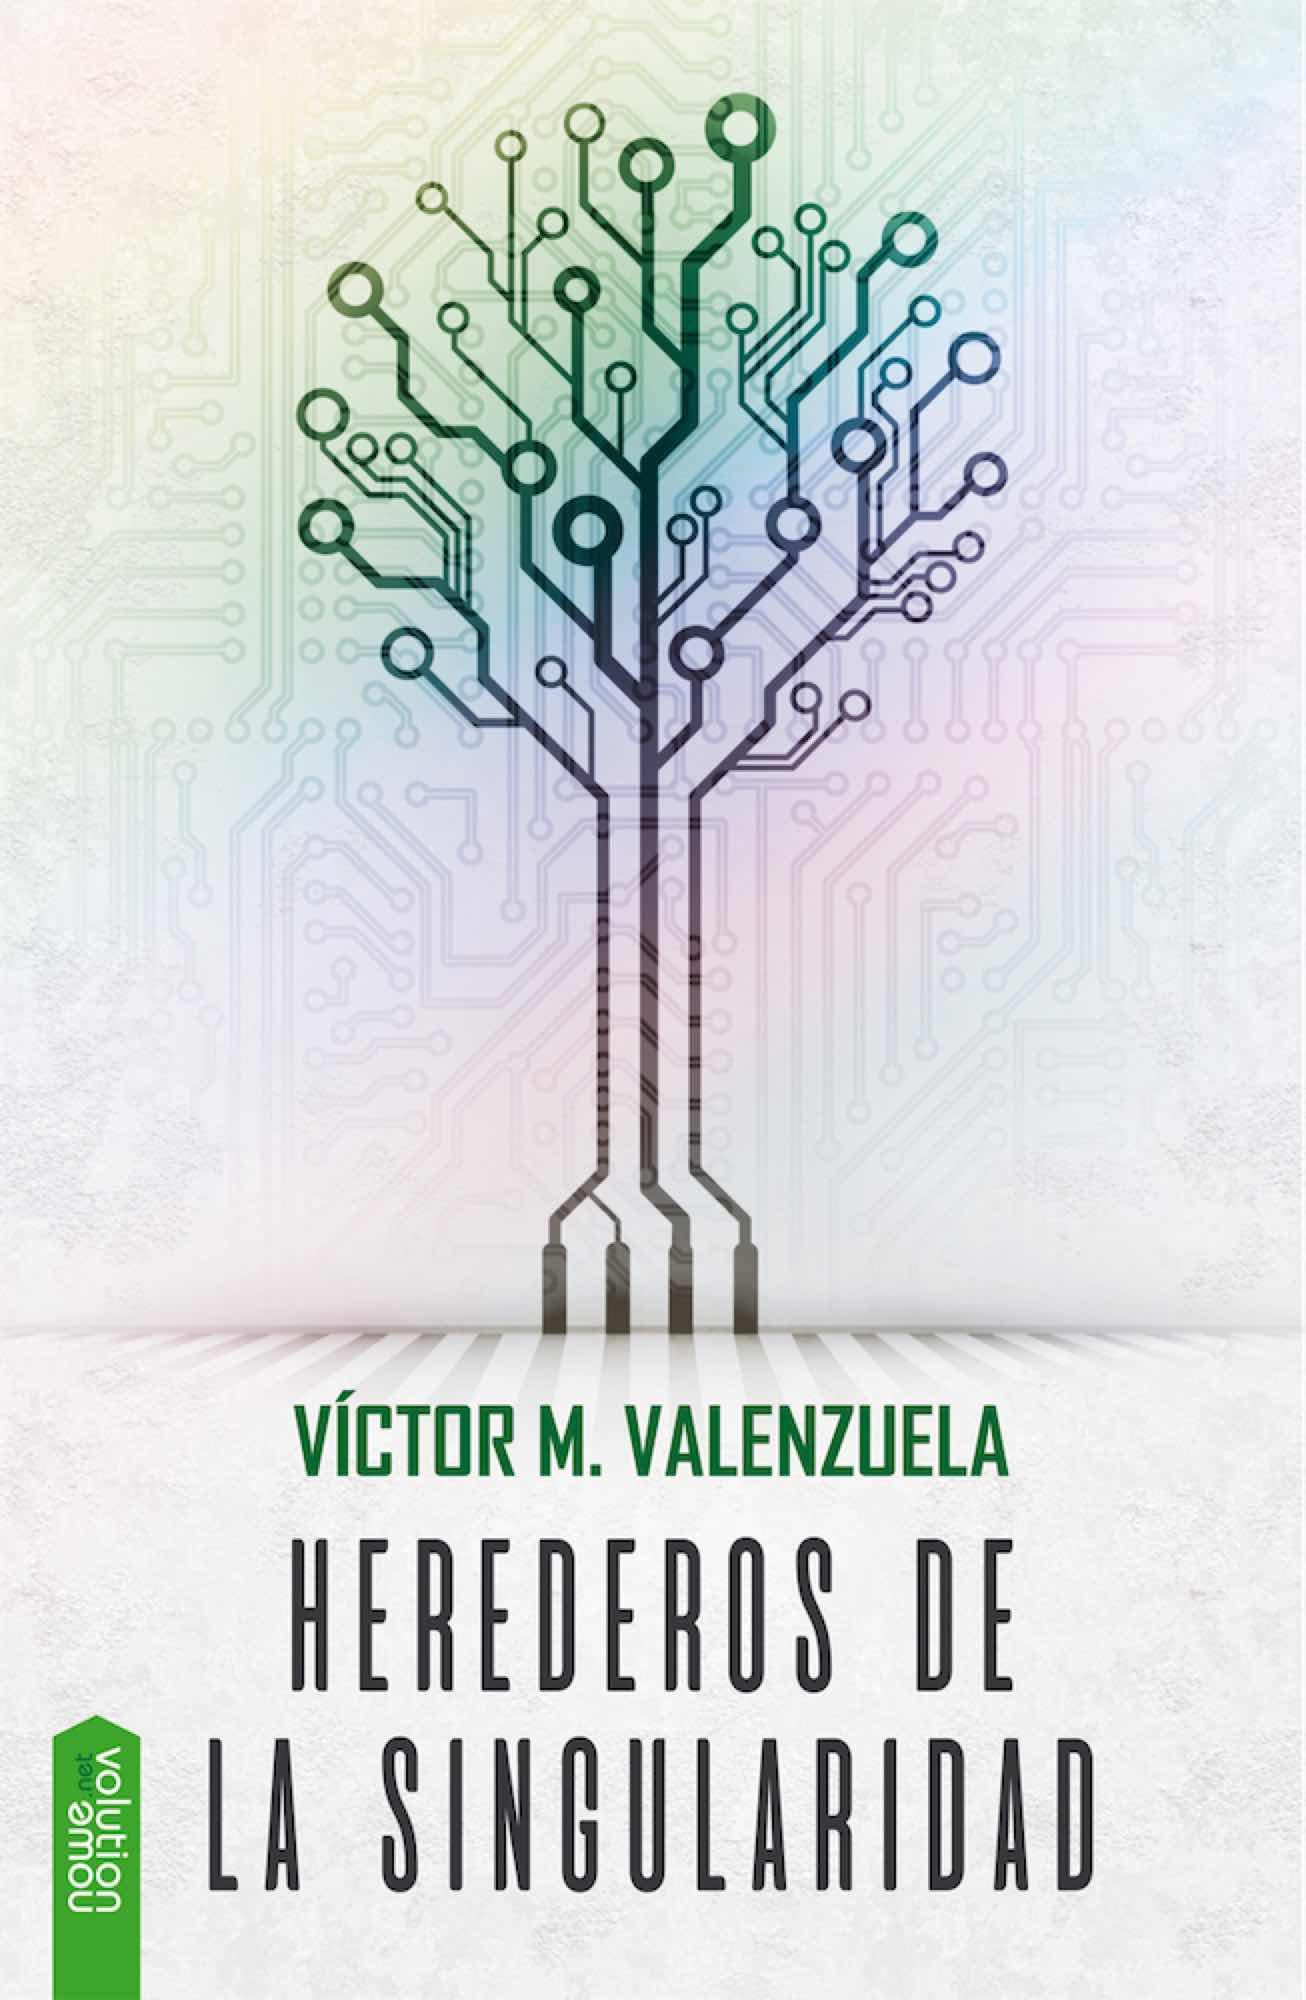 HEREDEROS DE LA SINGULARIDAD